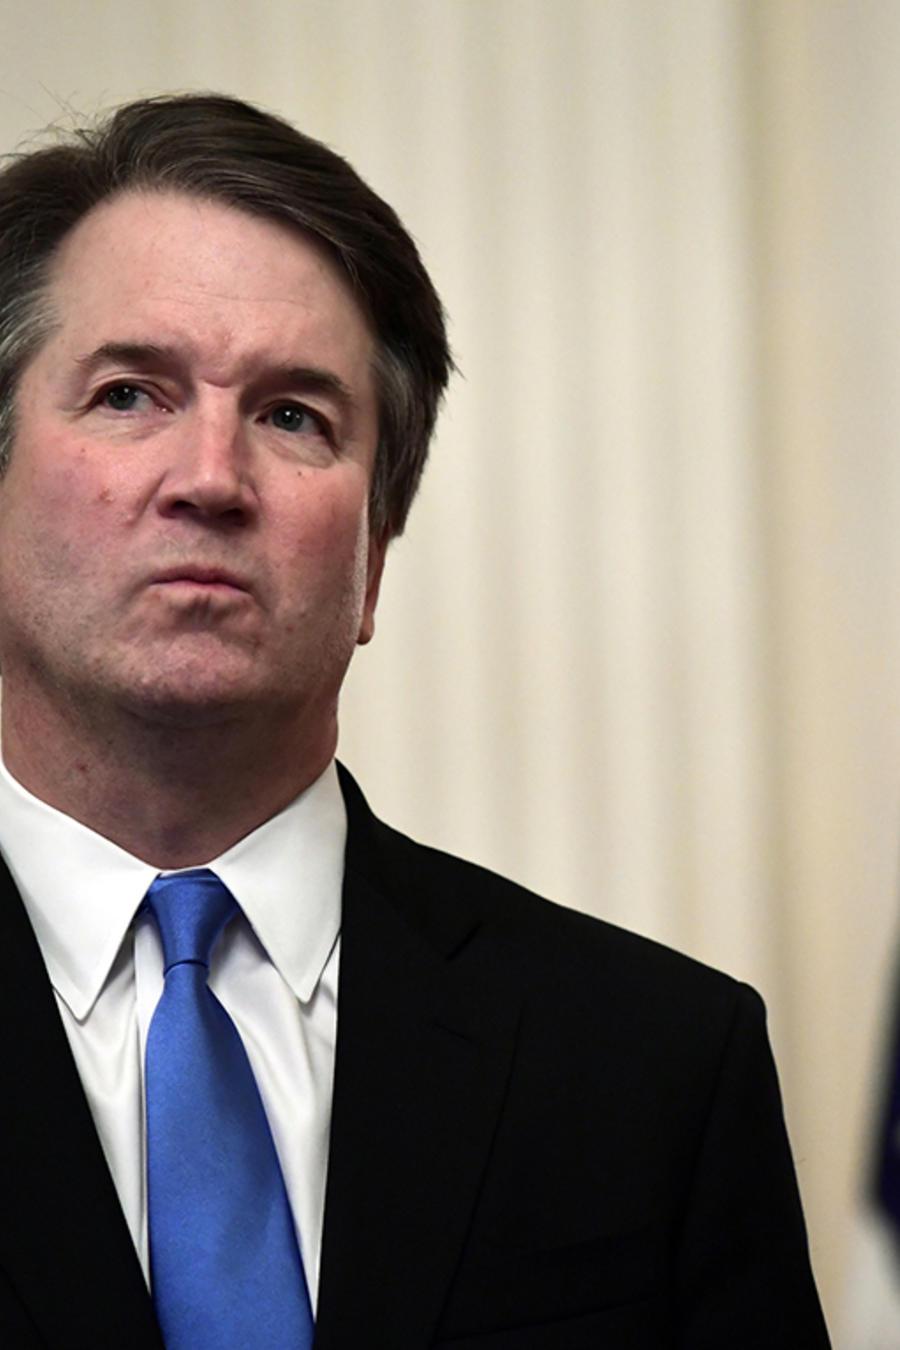 En esta foto de archivo aparece el magistrado de la Corte Suprema, Brett Kavanaugh.